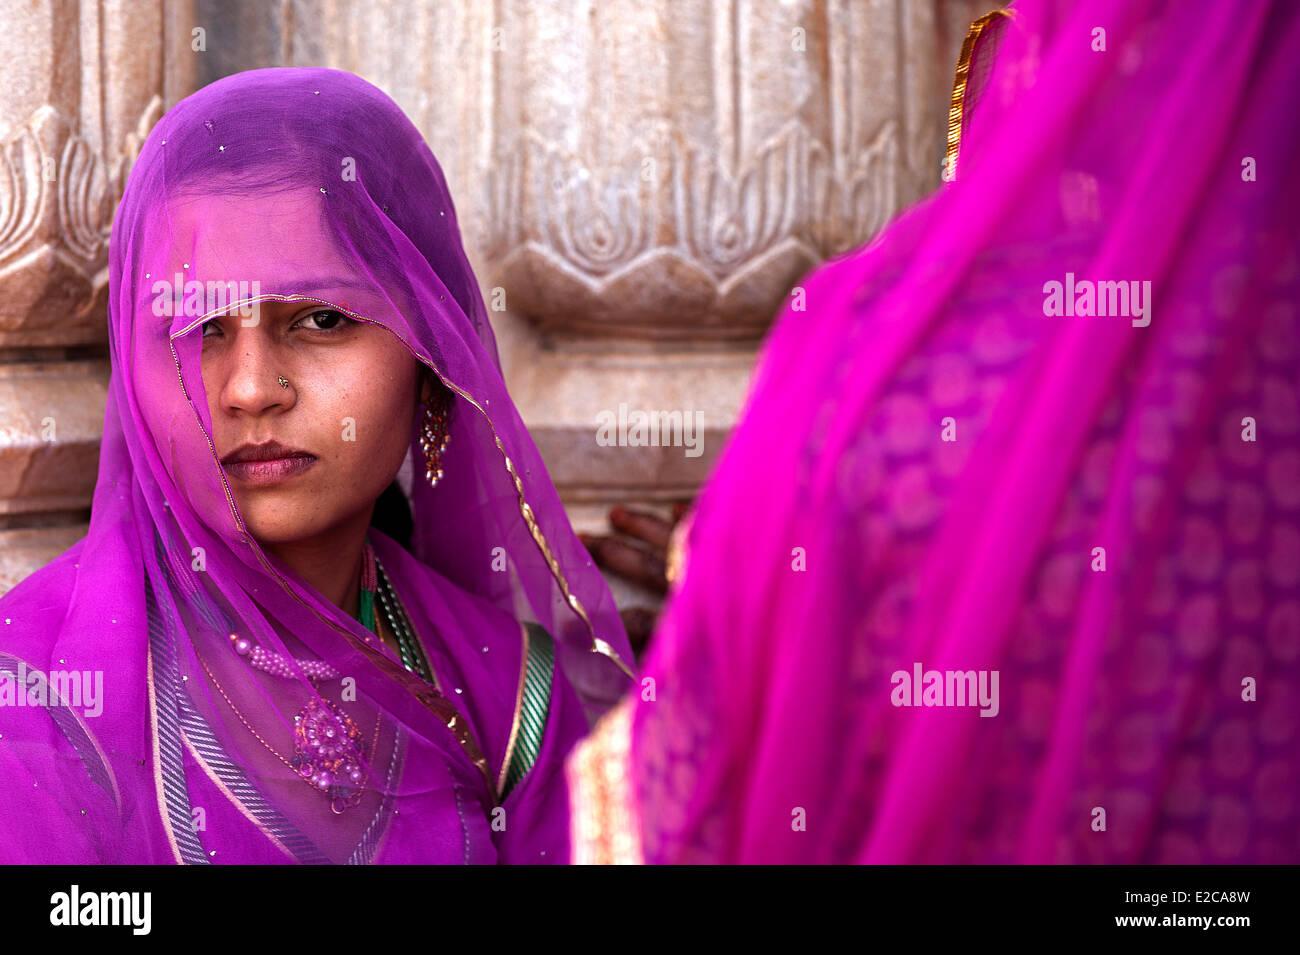 Indien, Rajasthan Zustand, Udaipur, Frau im sari Stockbild